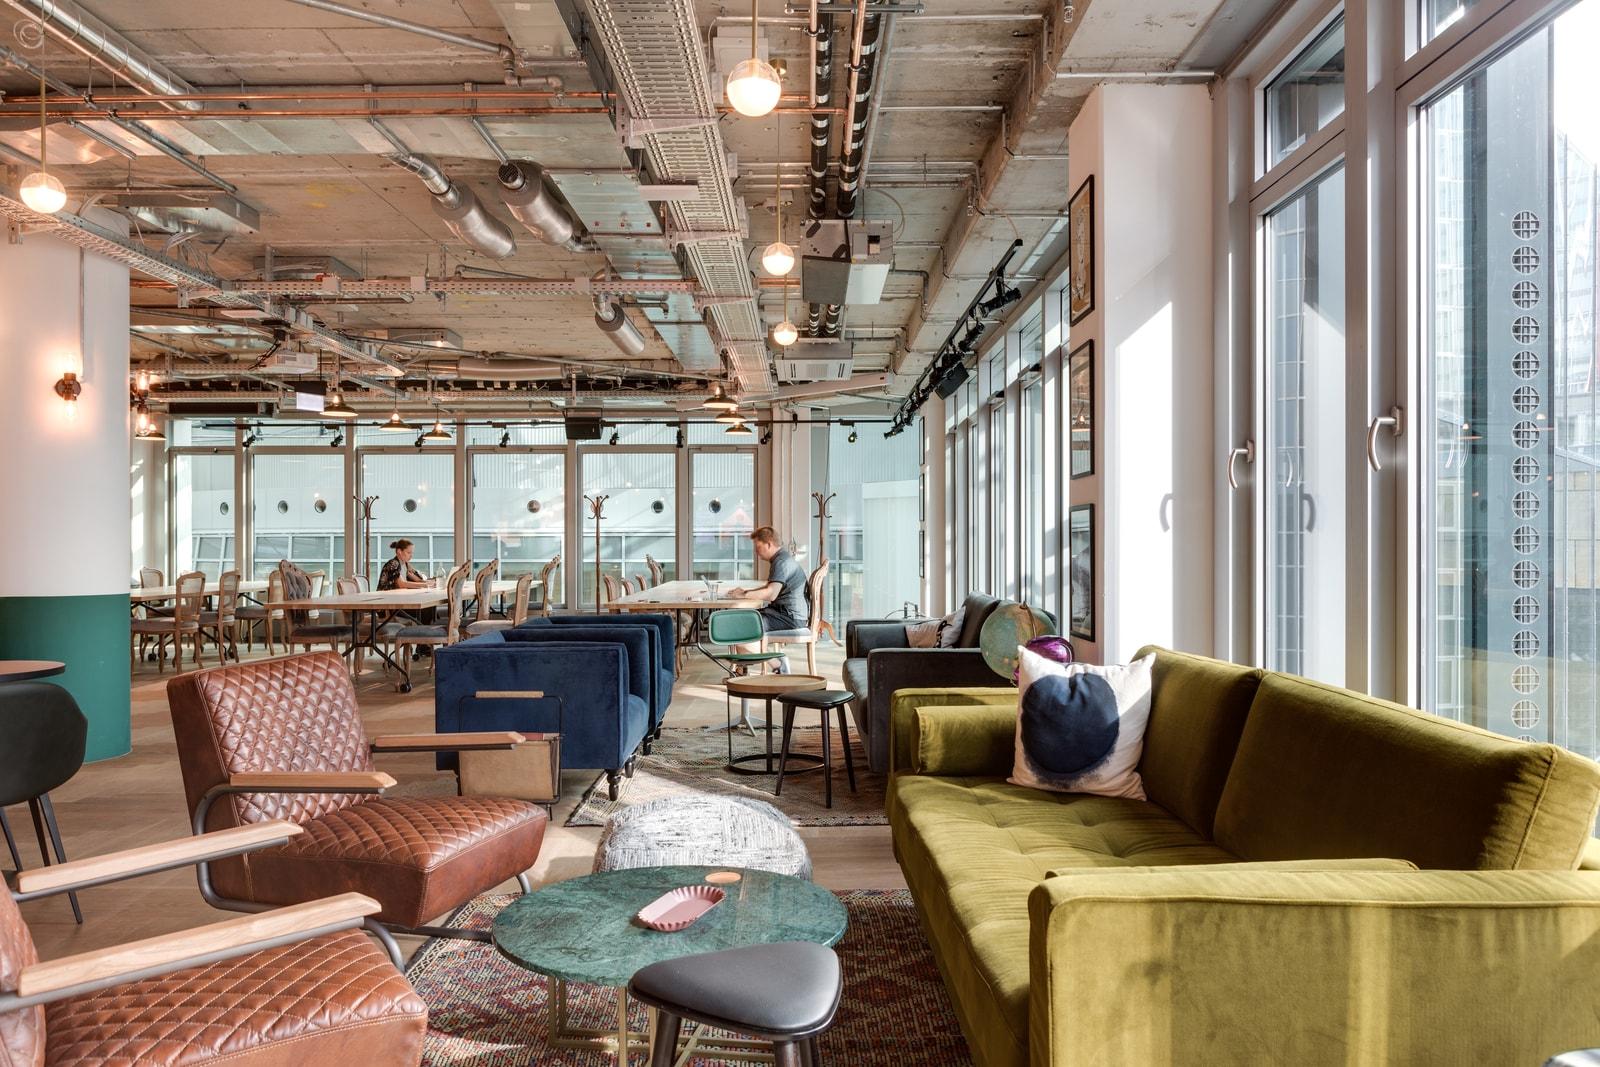 Neue Mainzer Straße 66-68 lounge area 2